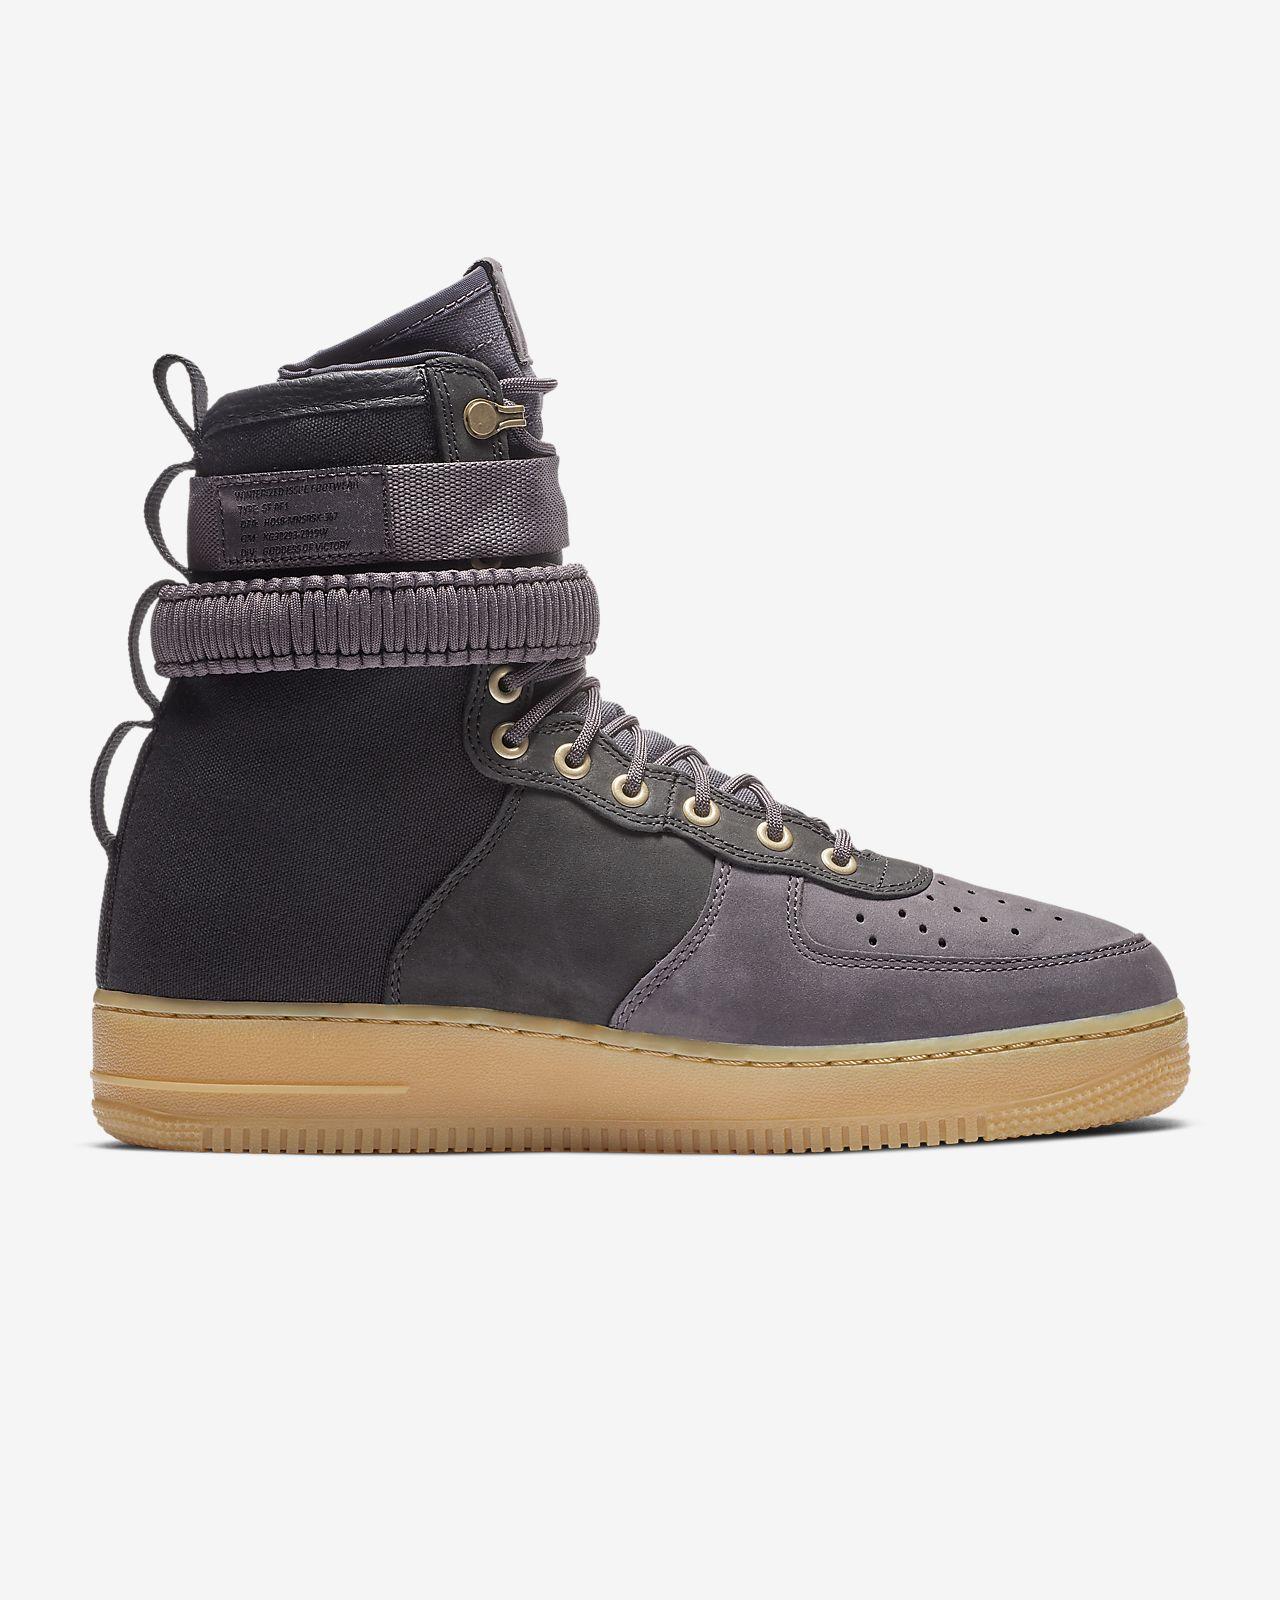 5501f655542 Sapatilhas Nike SF Air Force 1 Premium para homem. Nike.com PT